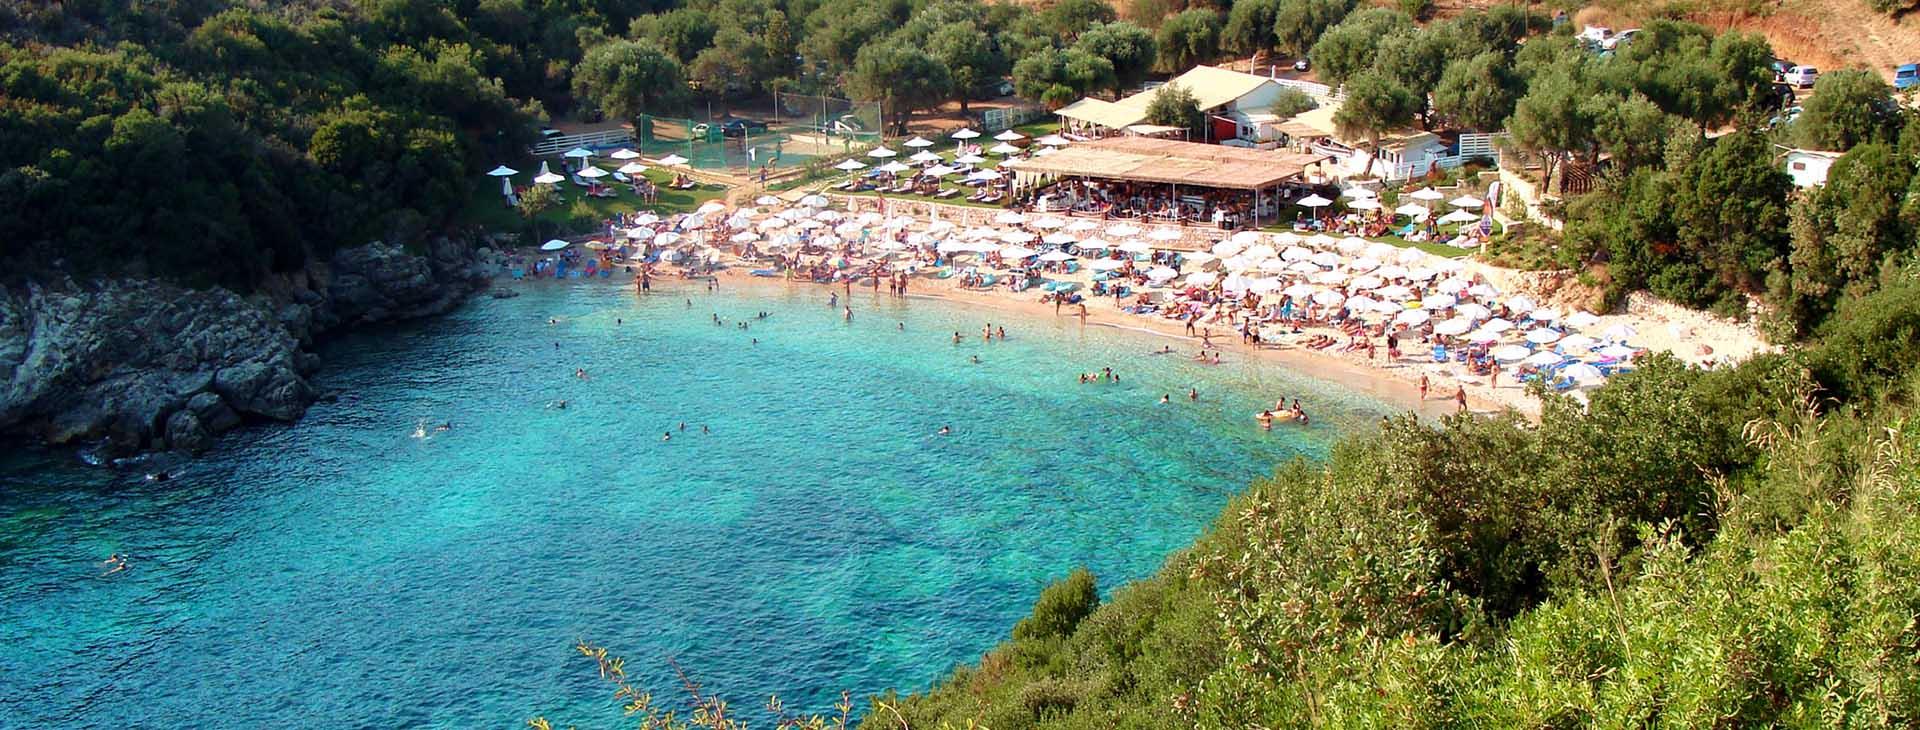 Mikri Ammos beach, Thesprotia